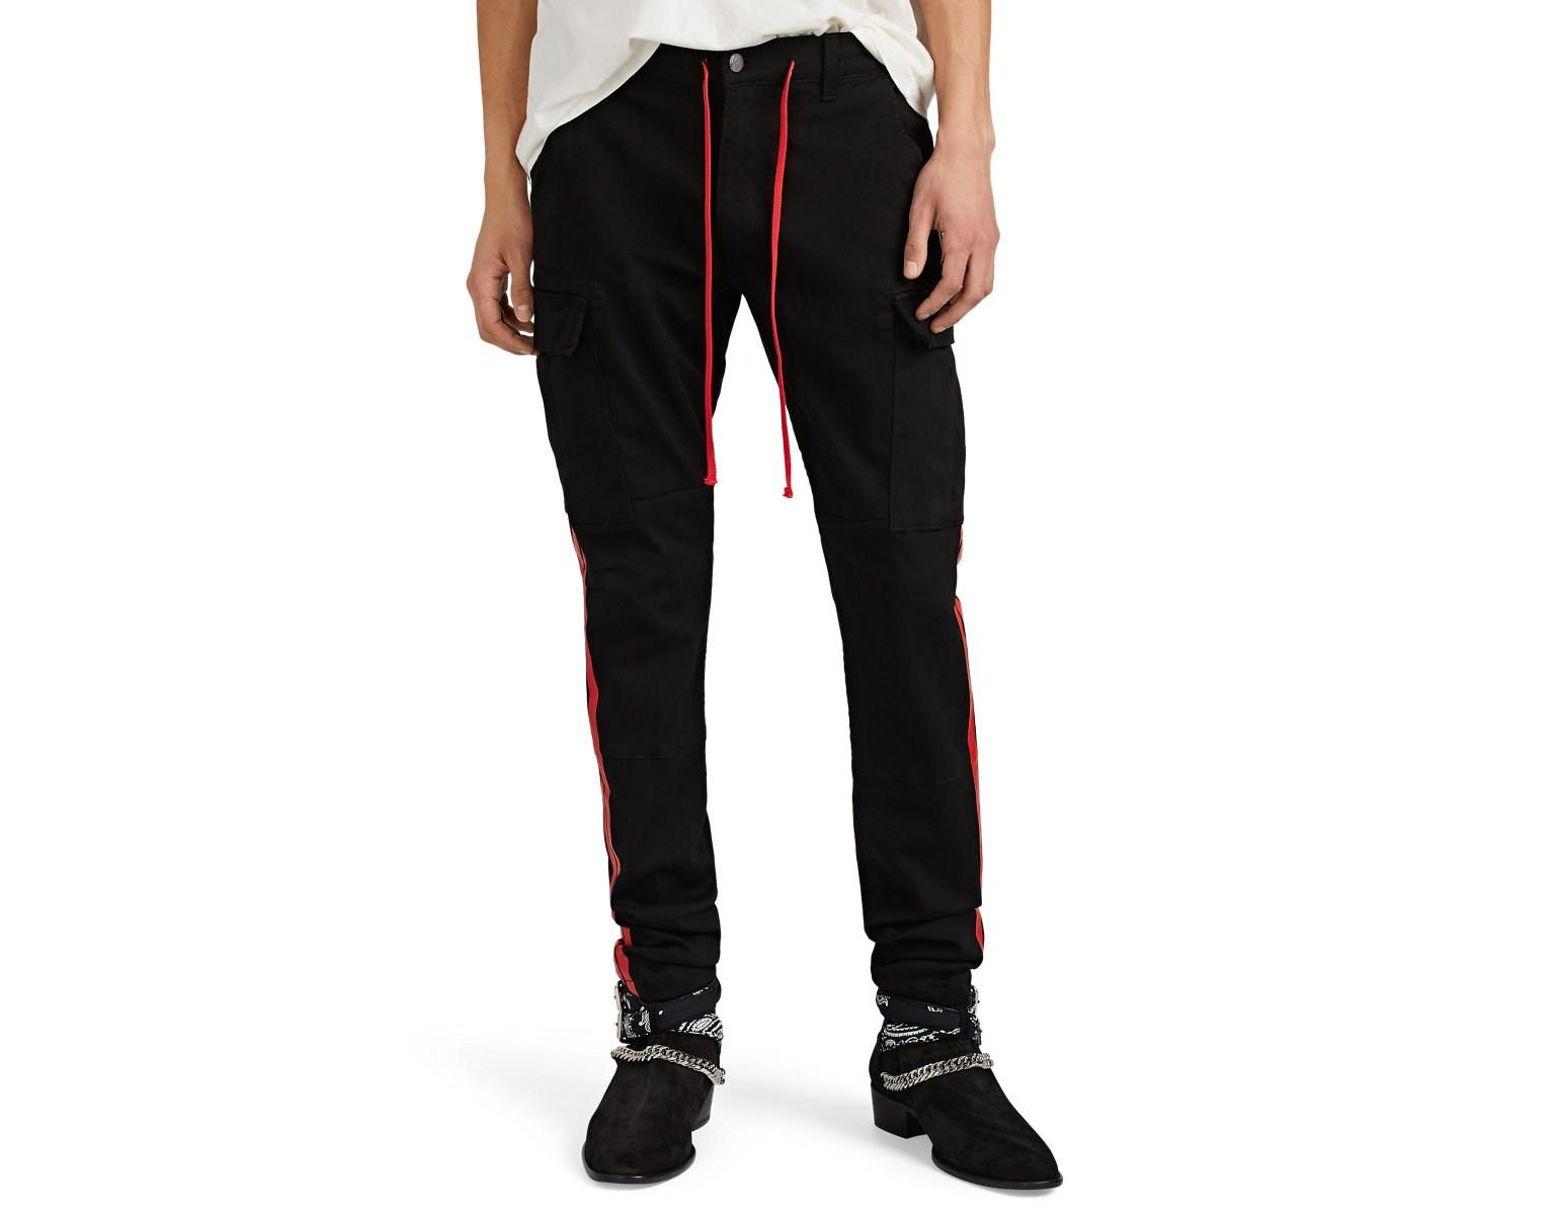 38e8fbe0d759 Amiri Denim Cargo Track Pants in Black for Men - Lyst